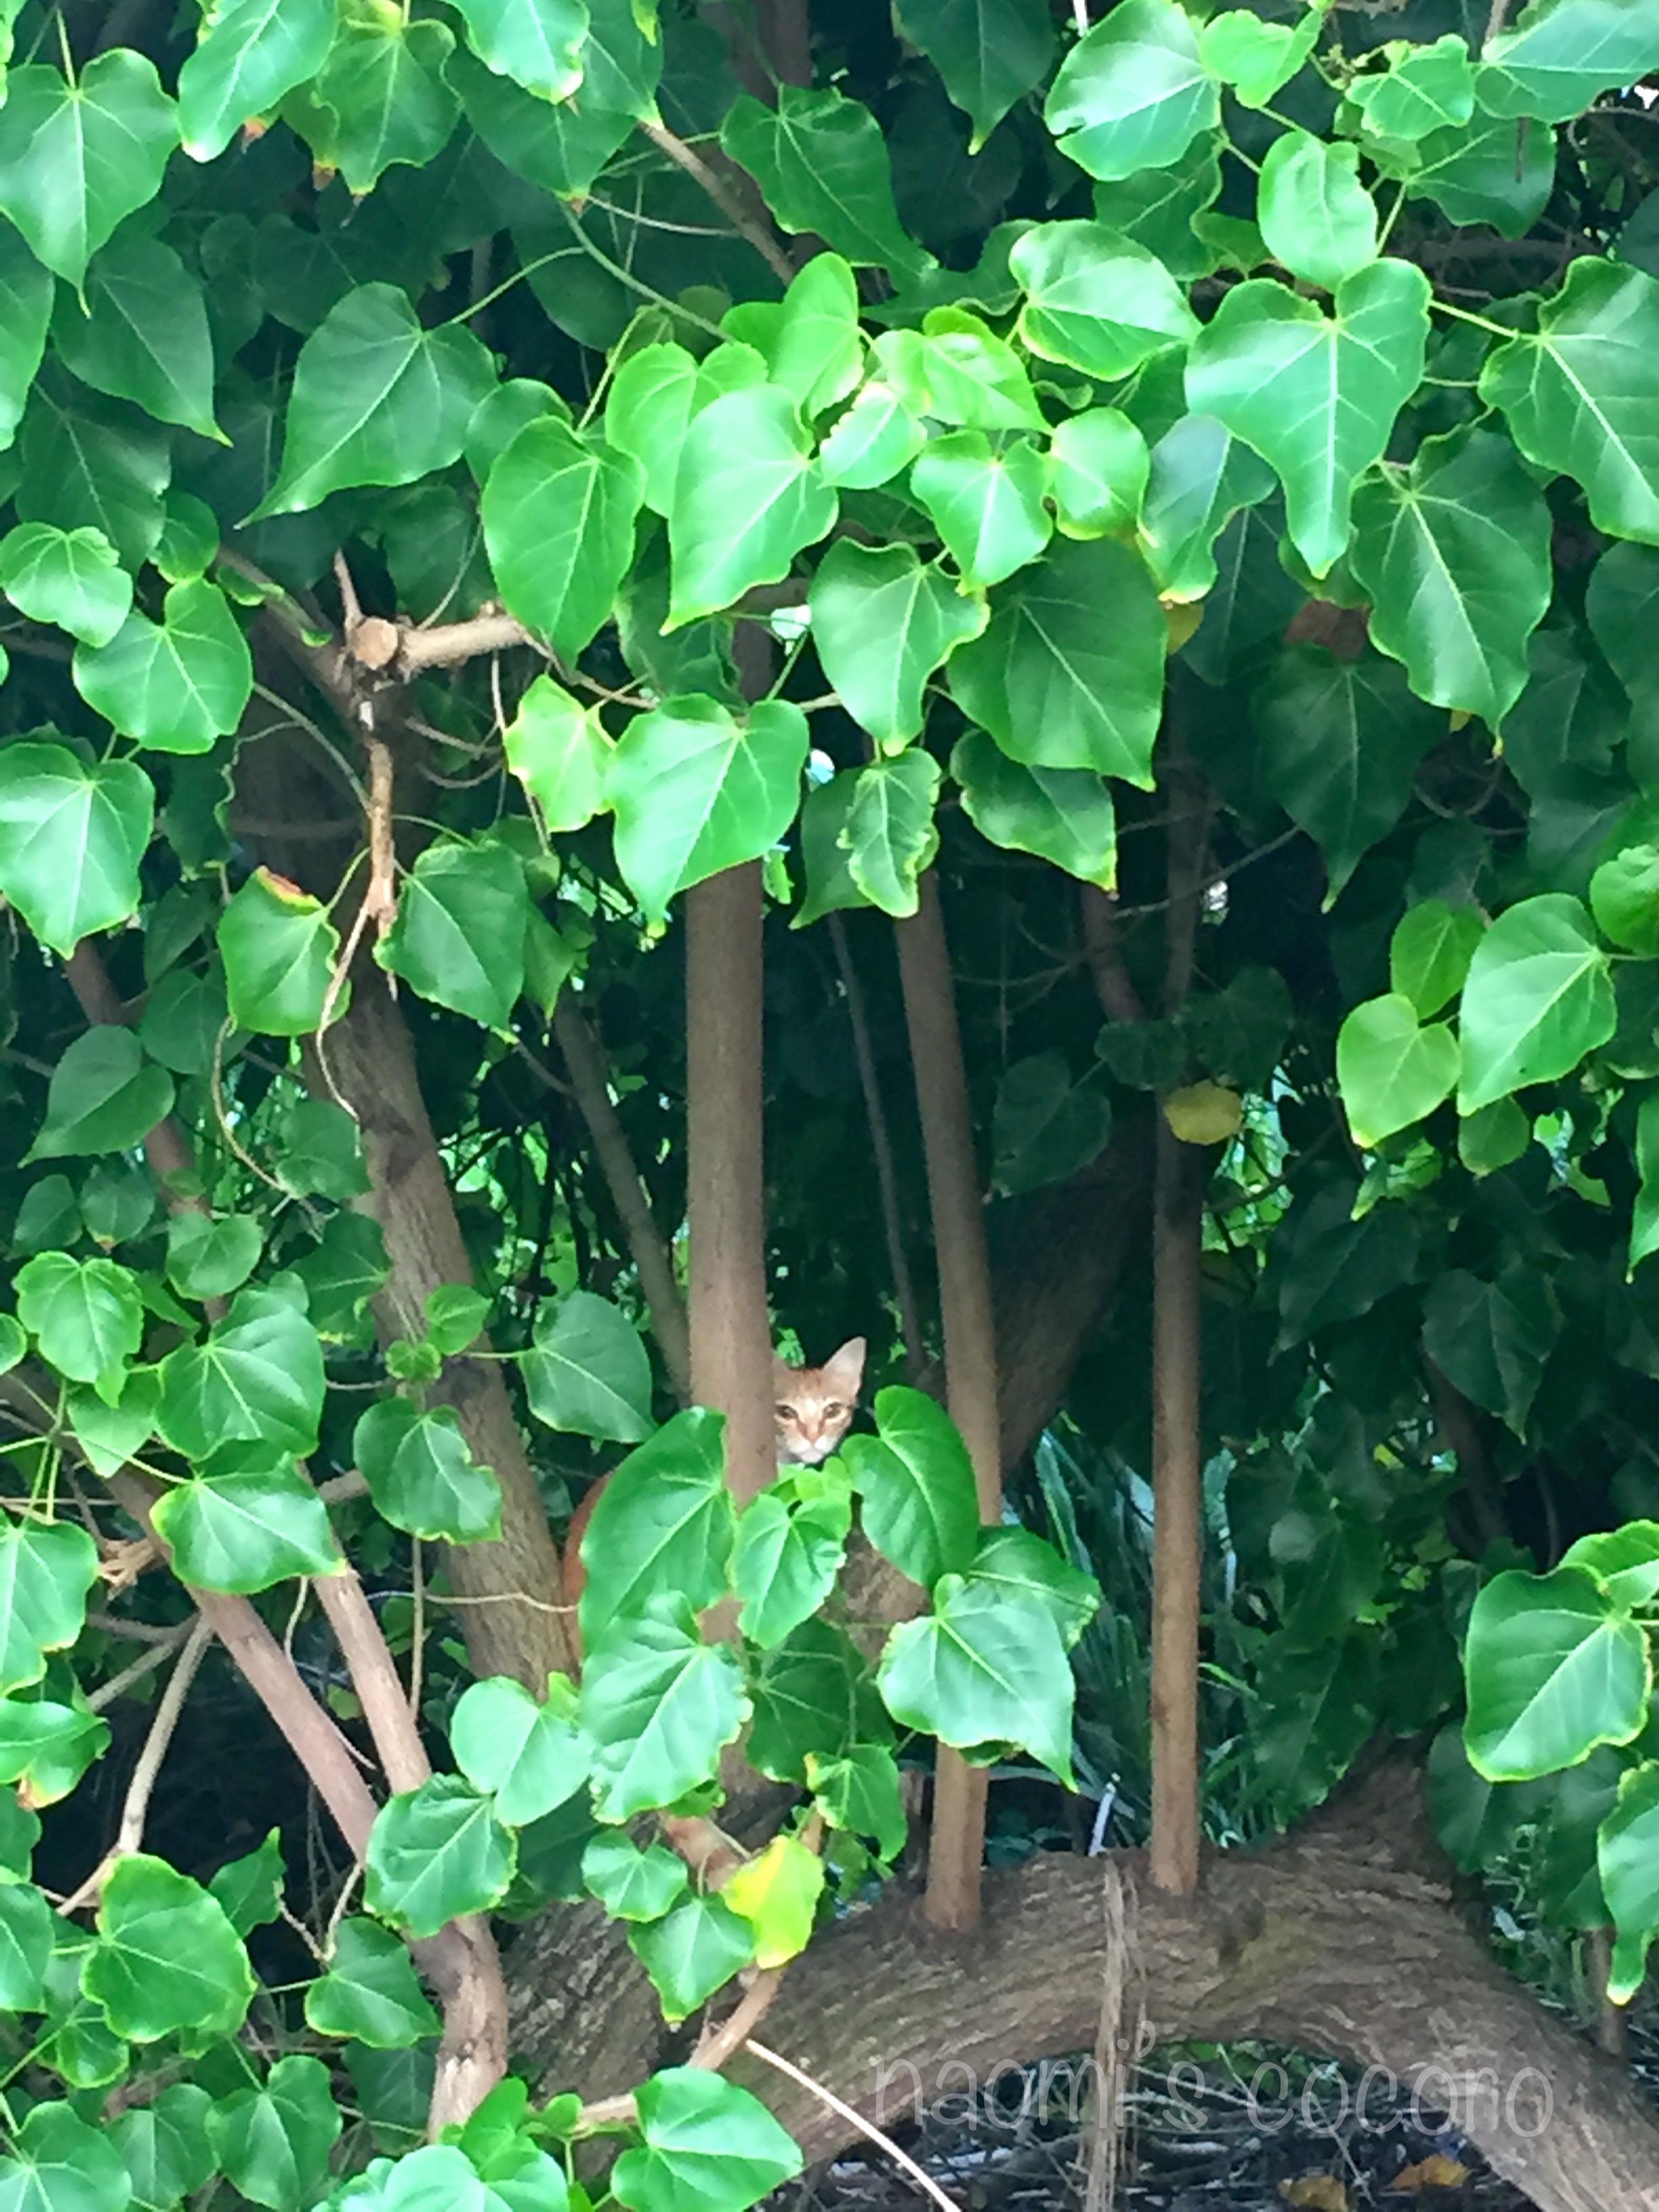 帰り道、タイガーにそっくりなねこが見ていた。。。